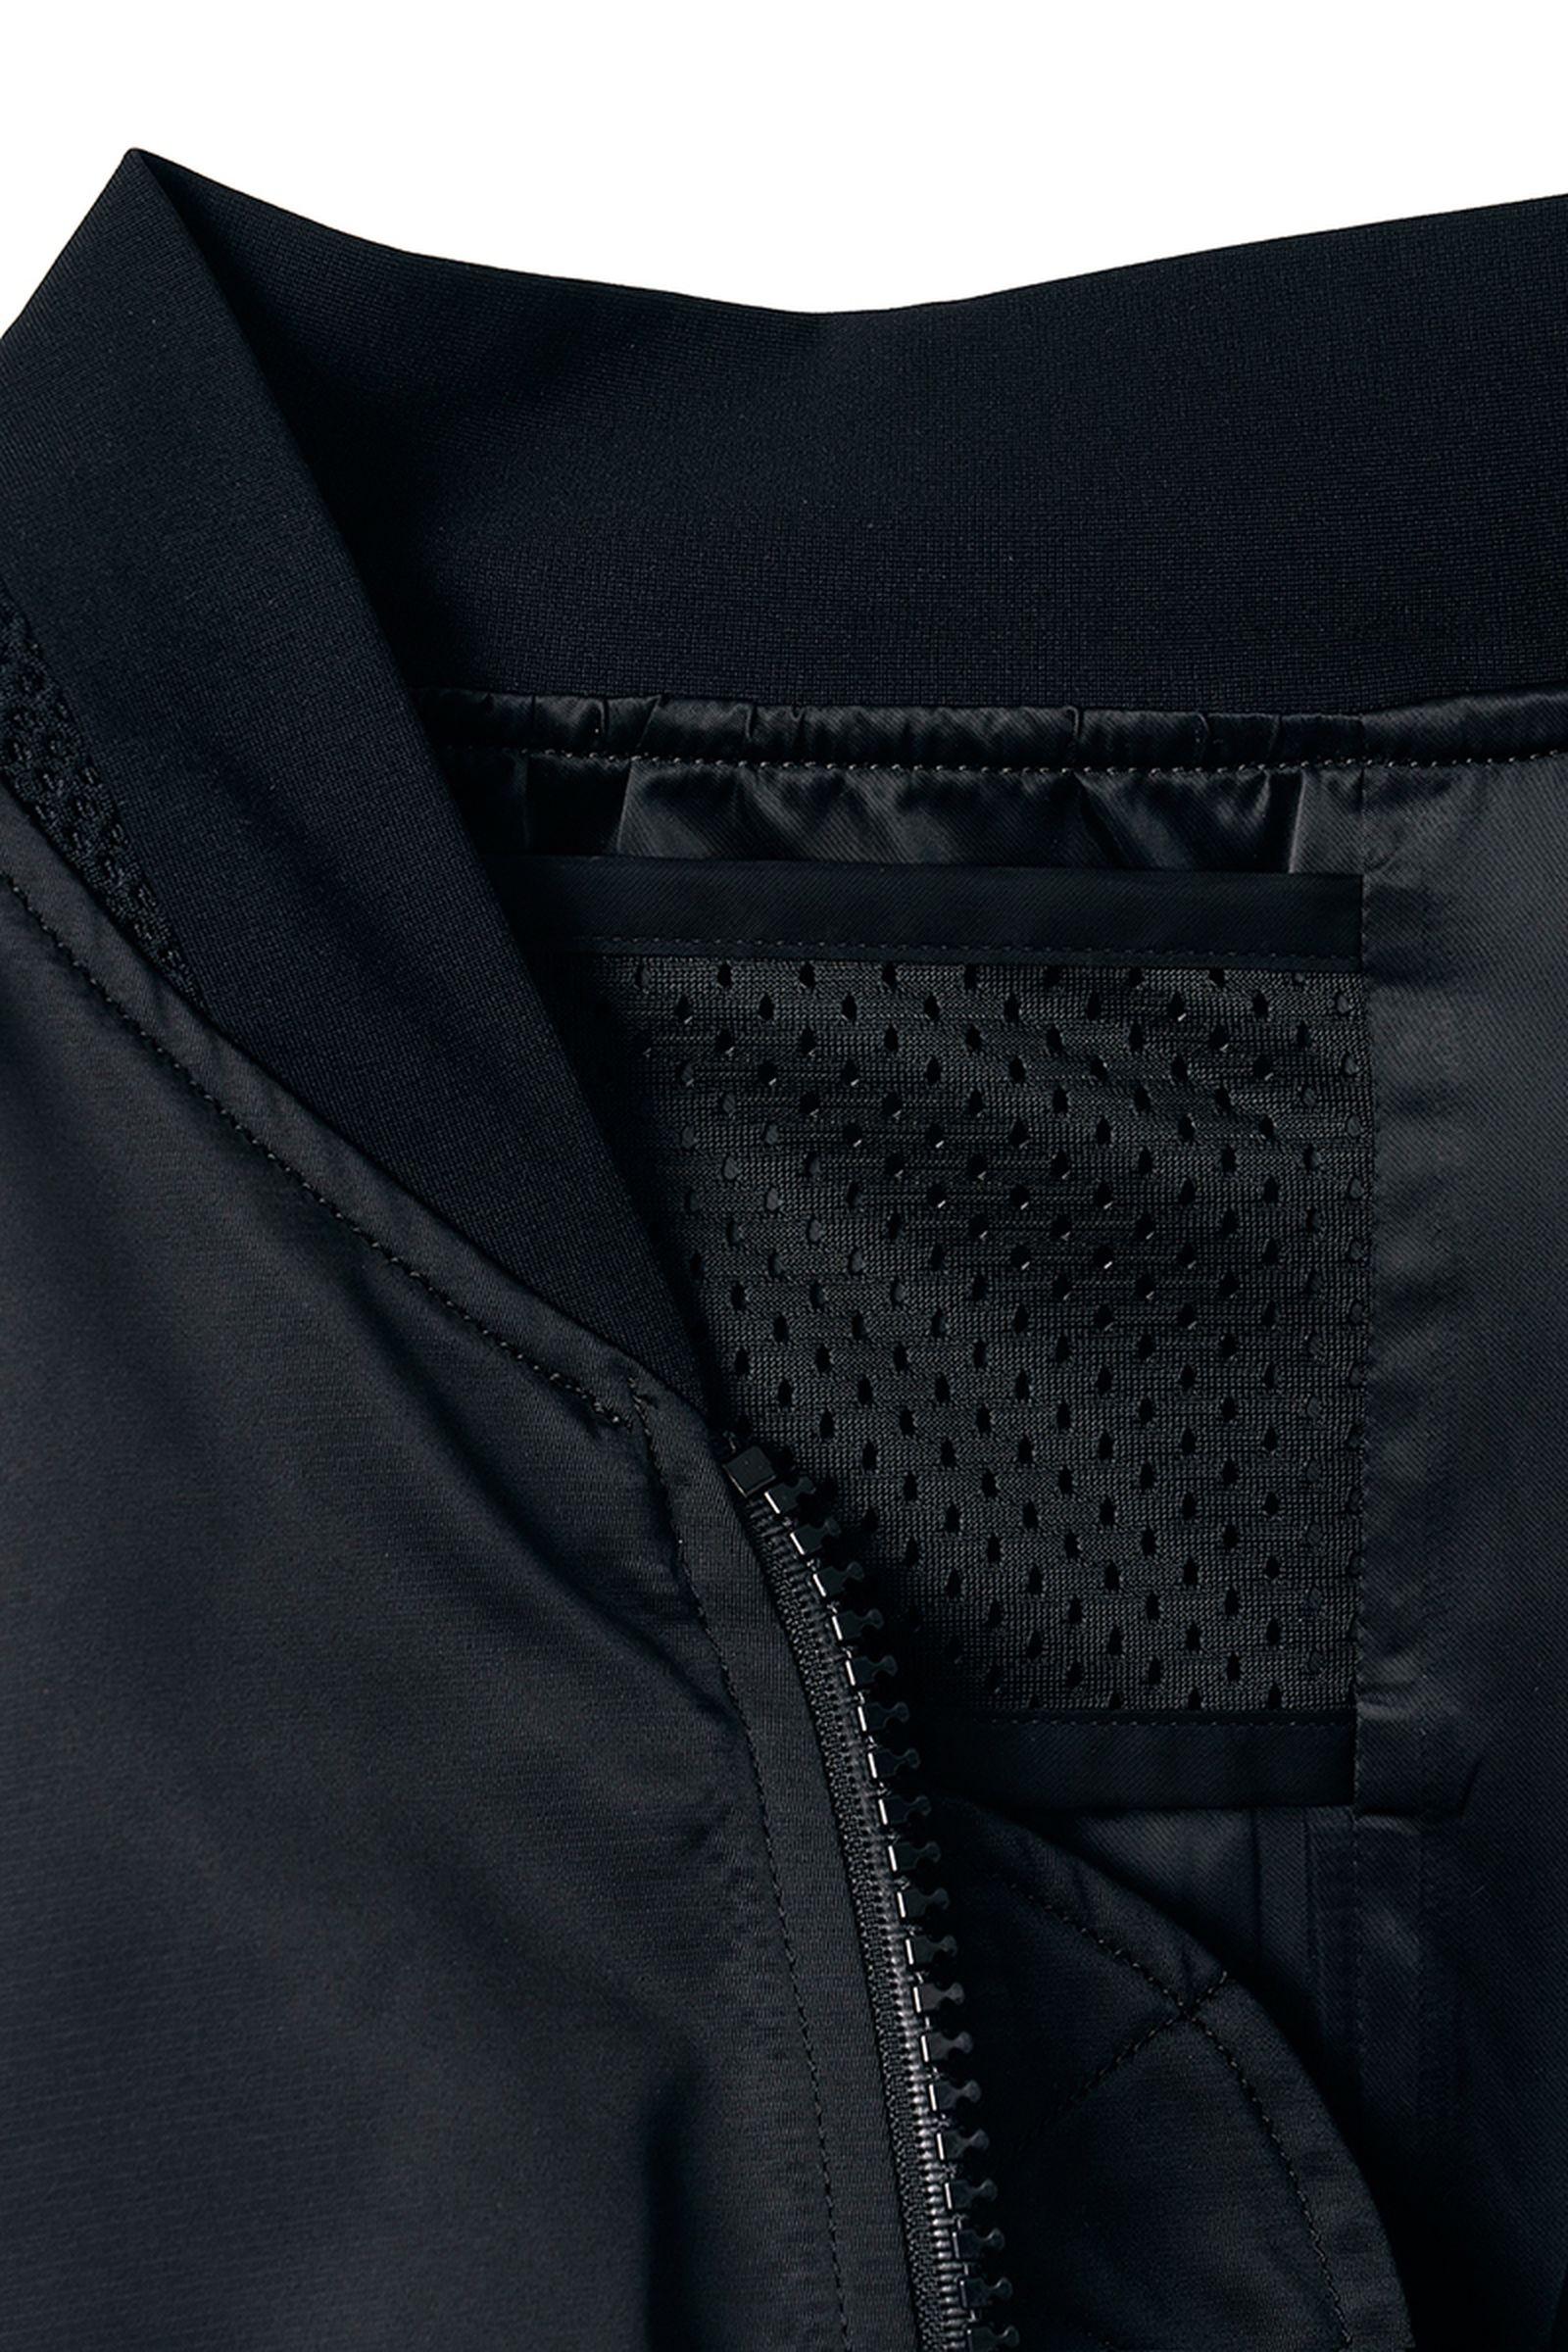 taiga liona fan cooled clothing (8)